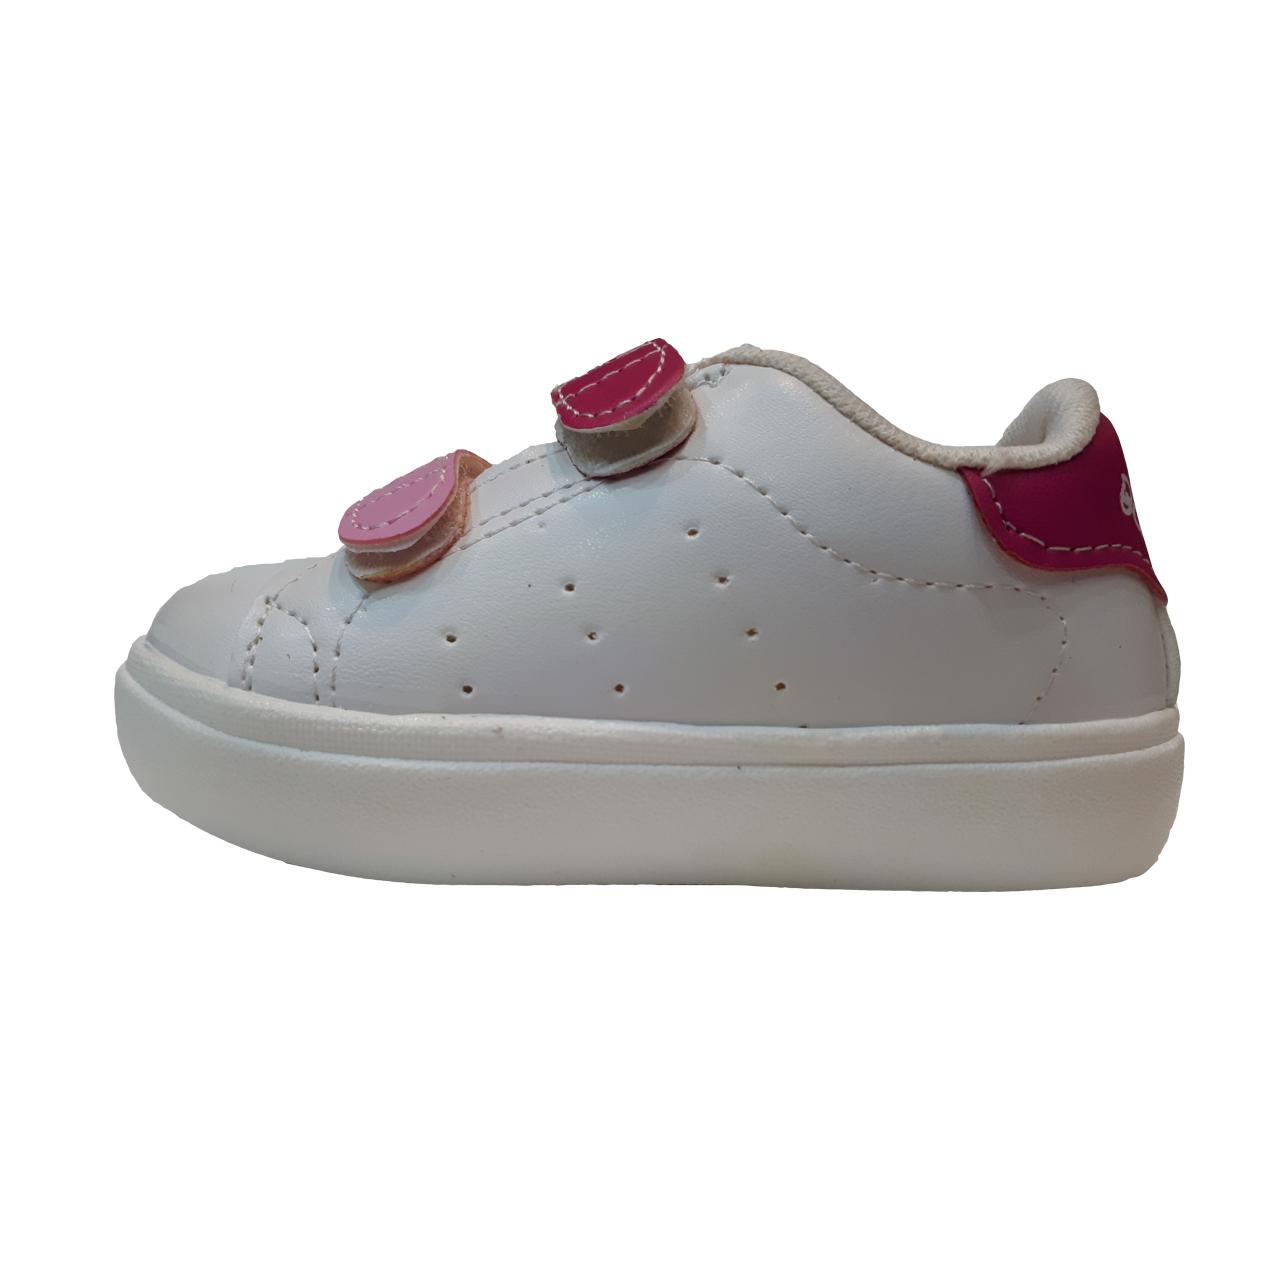 کفش راحتی بچه گانه کد 204